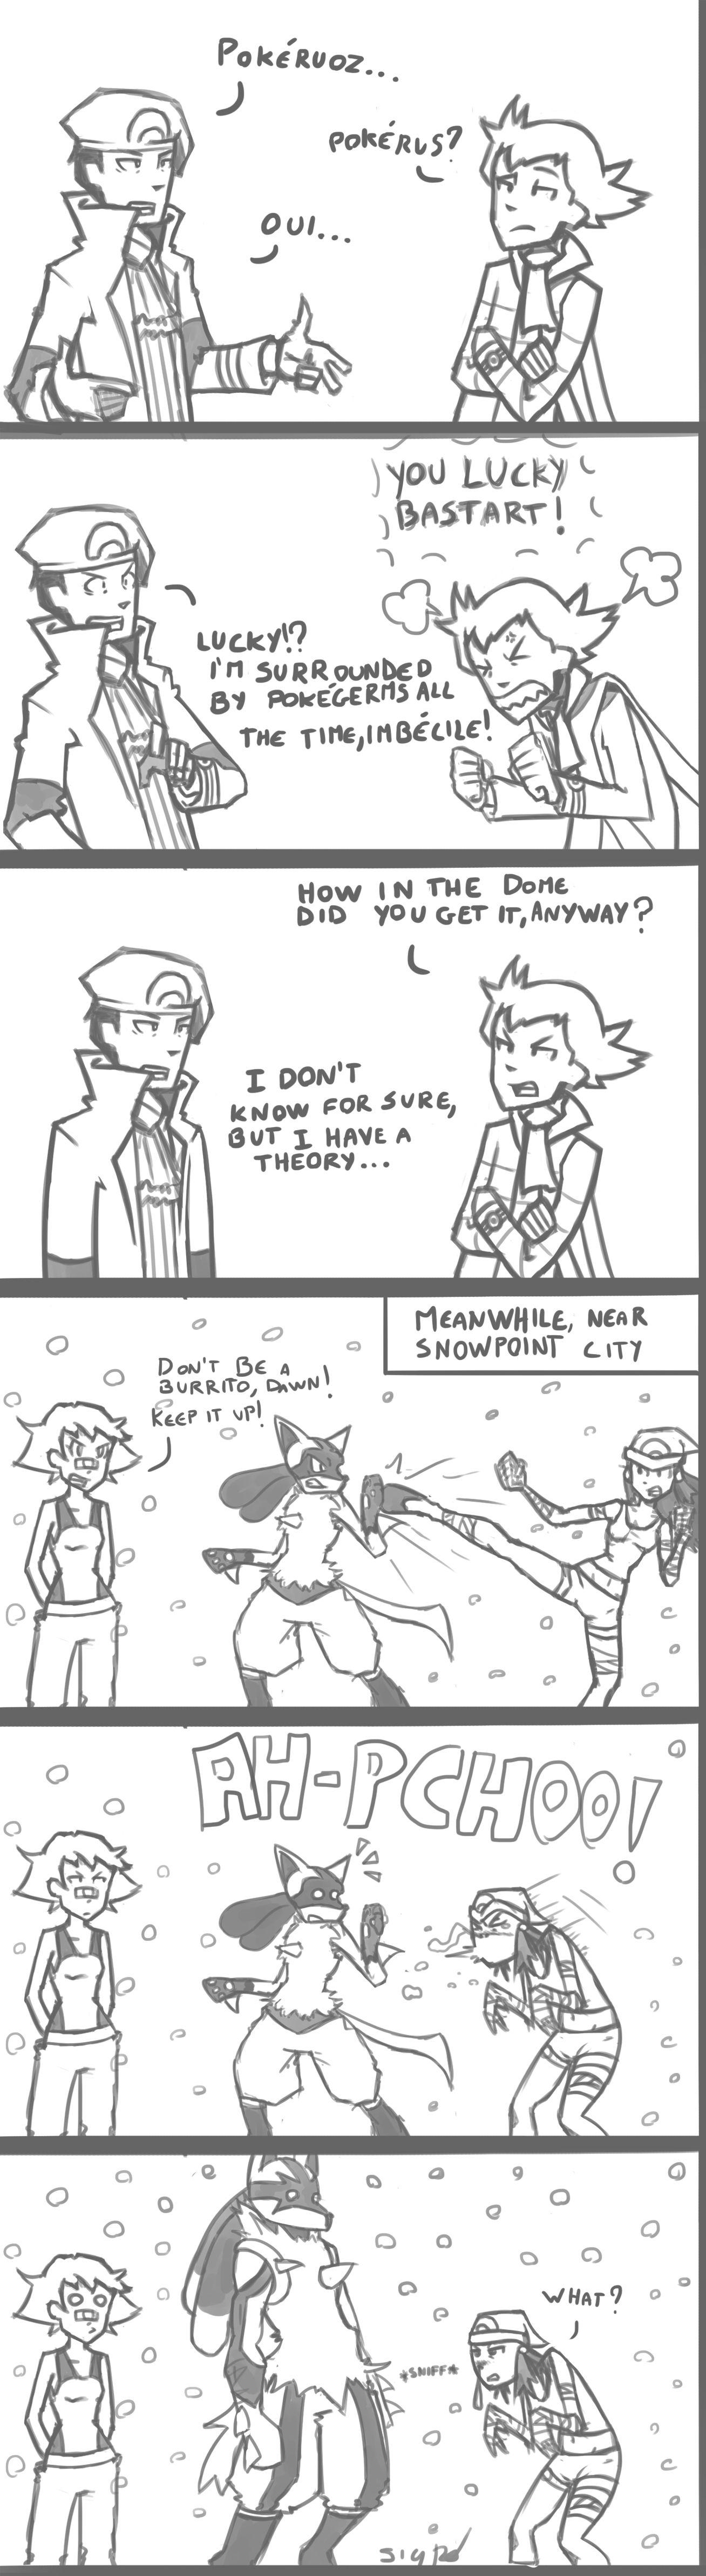 Pokérus: The Origins   Twitch Plays Pokemon   Know Your Meme